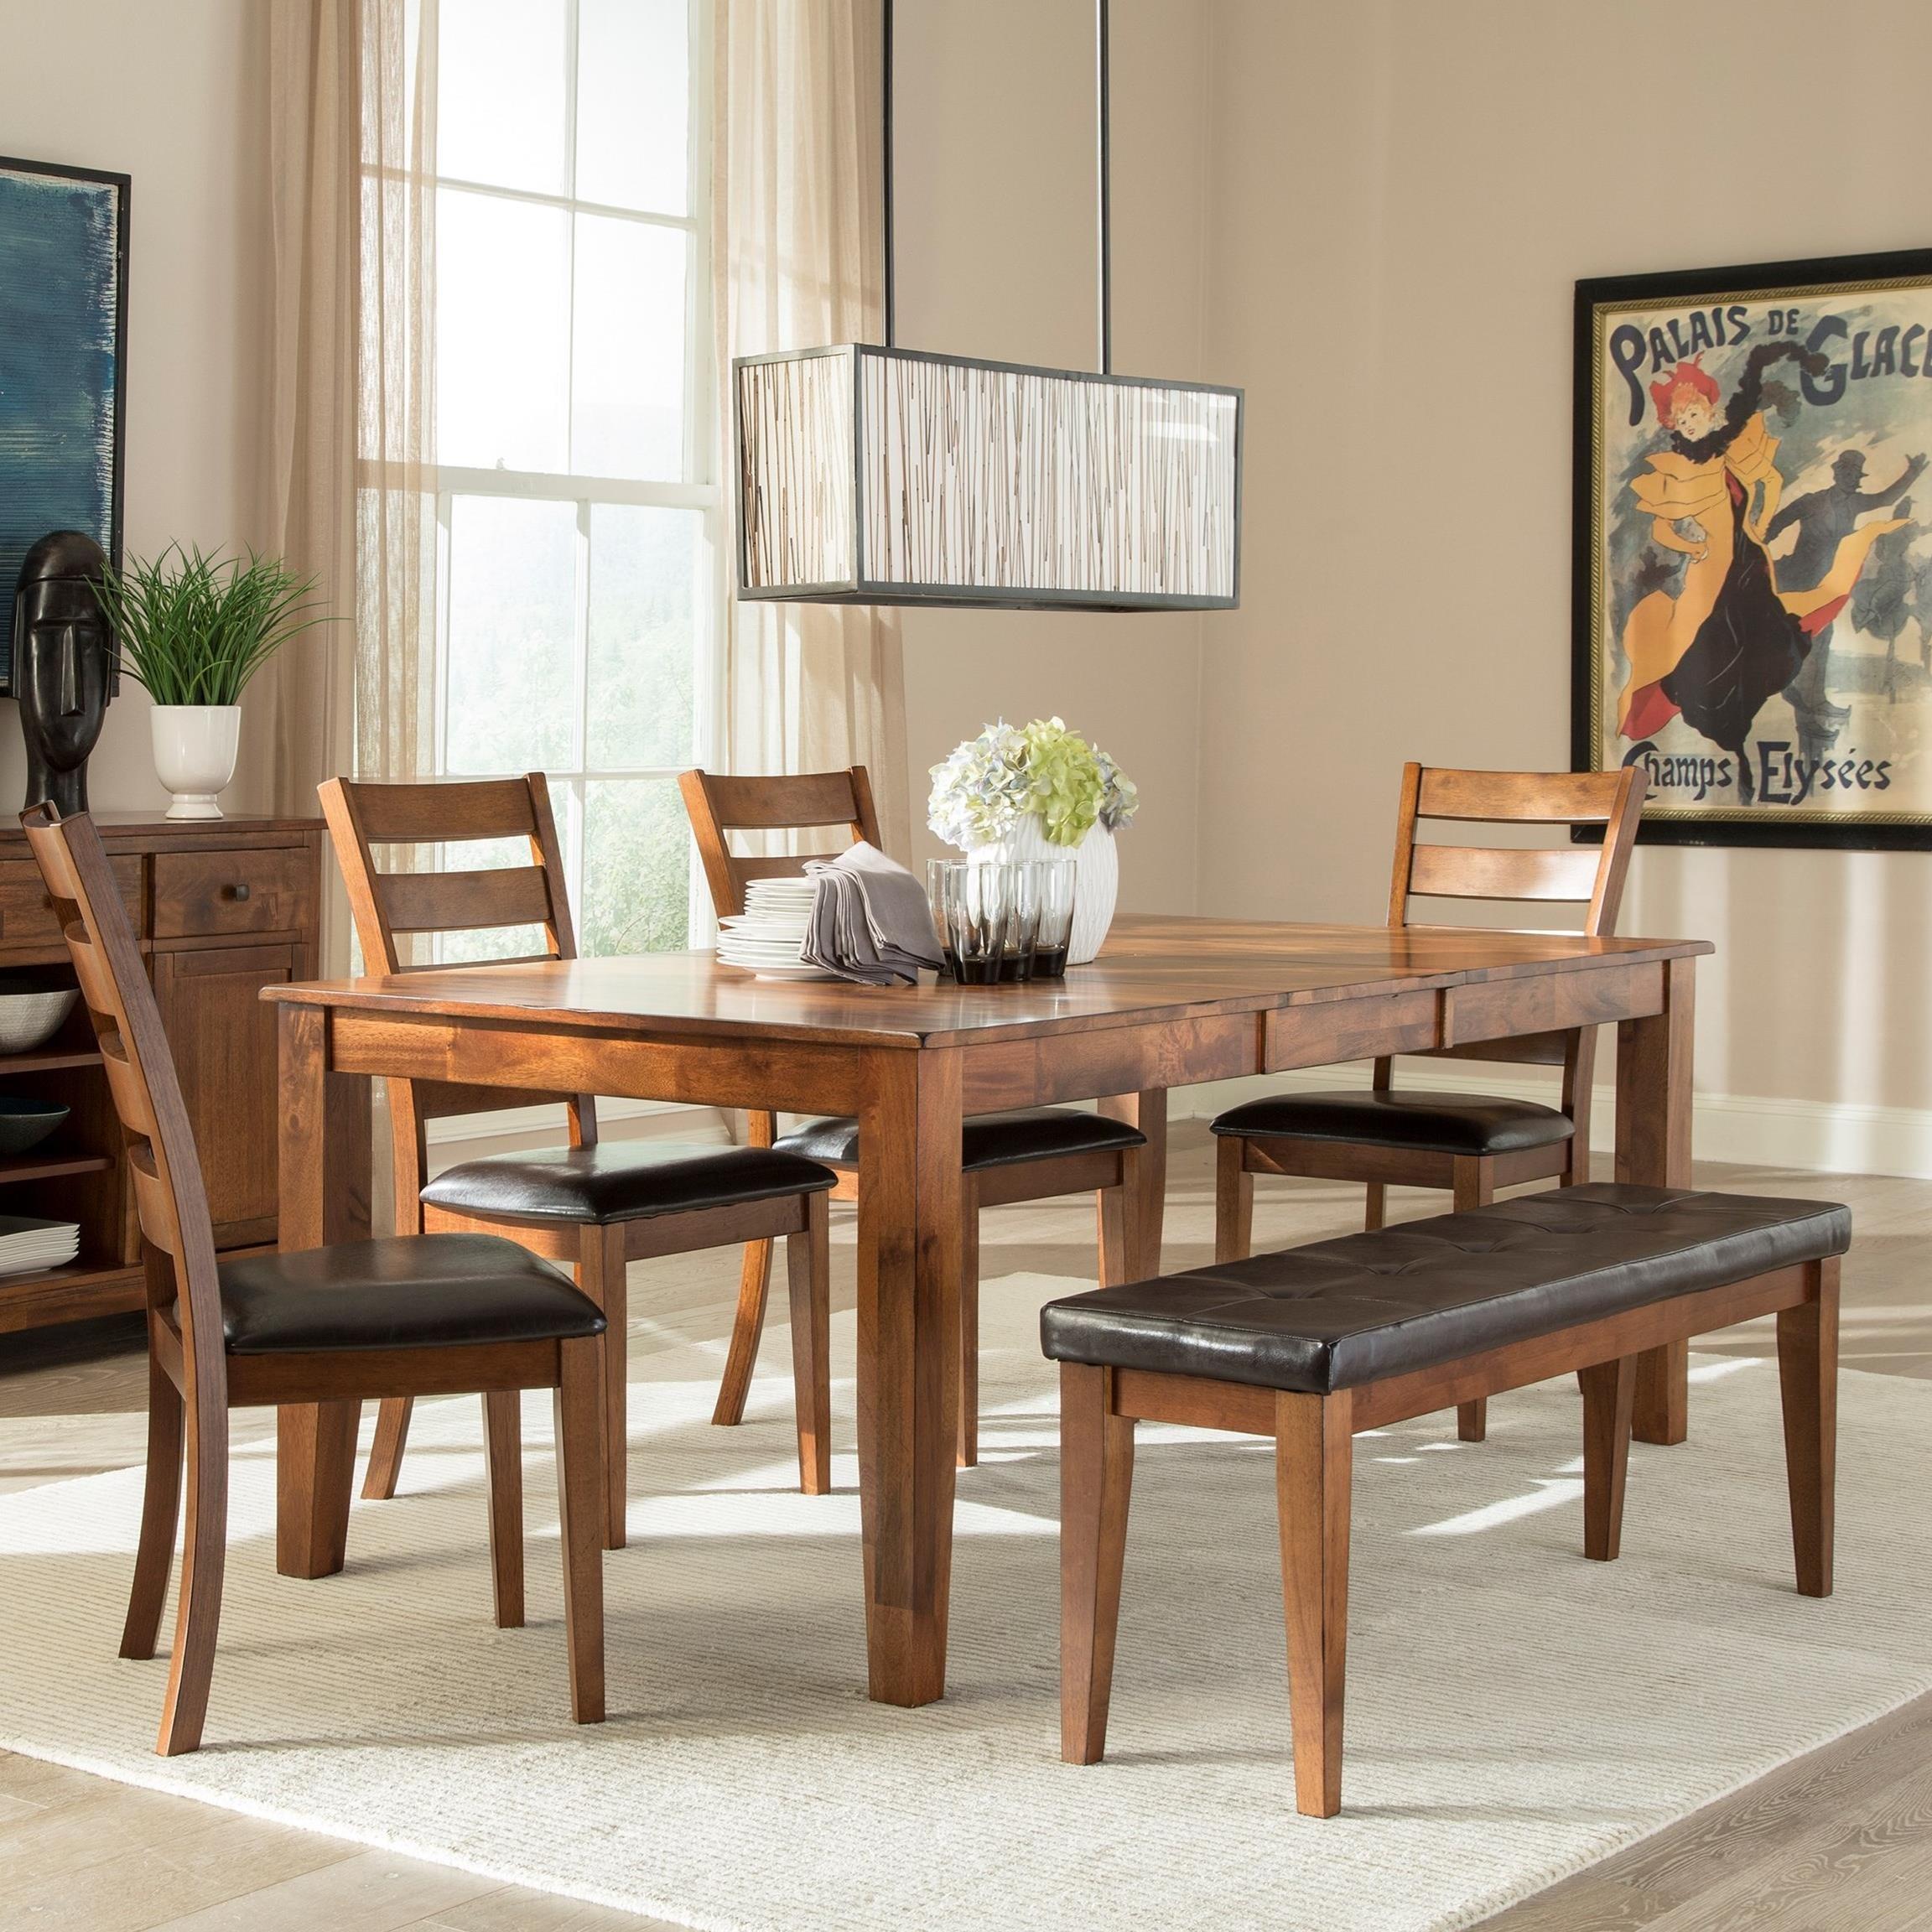 6 Piece Dining Room Set